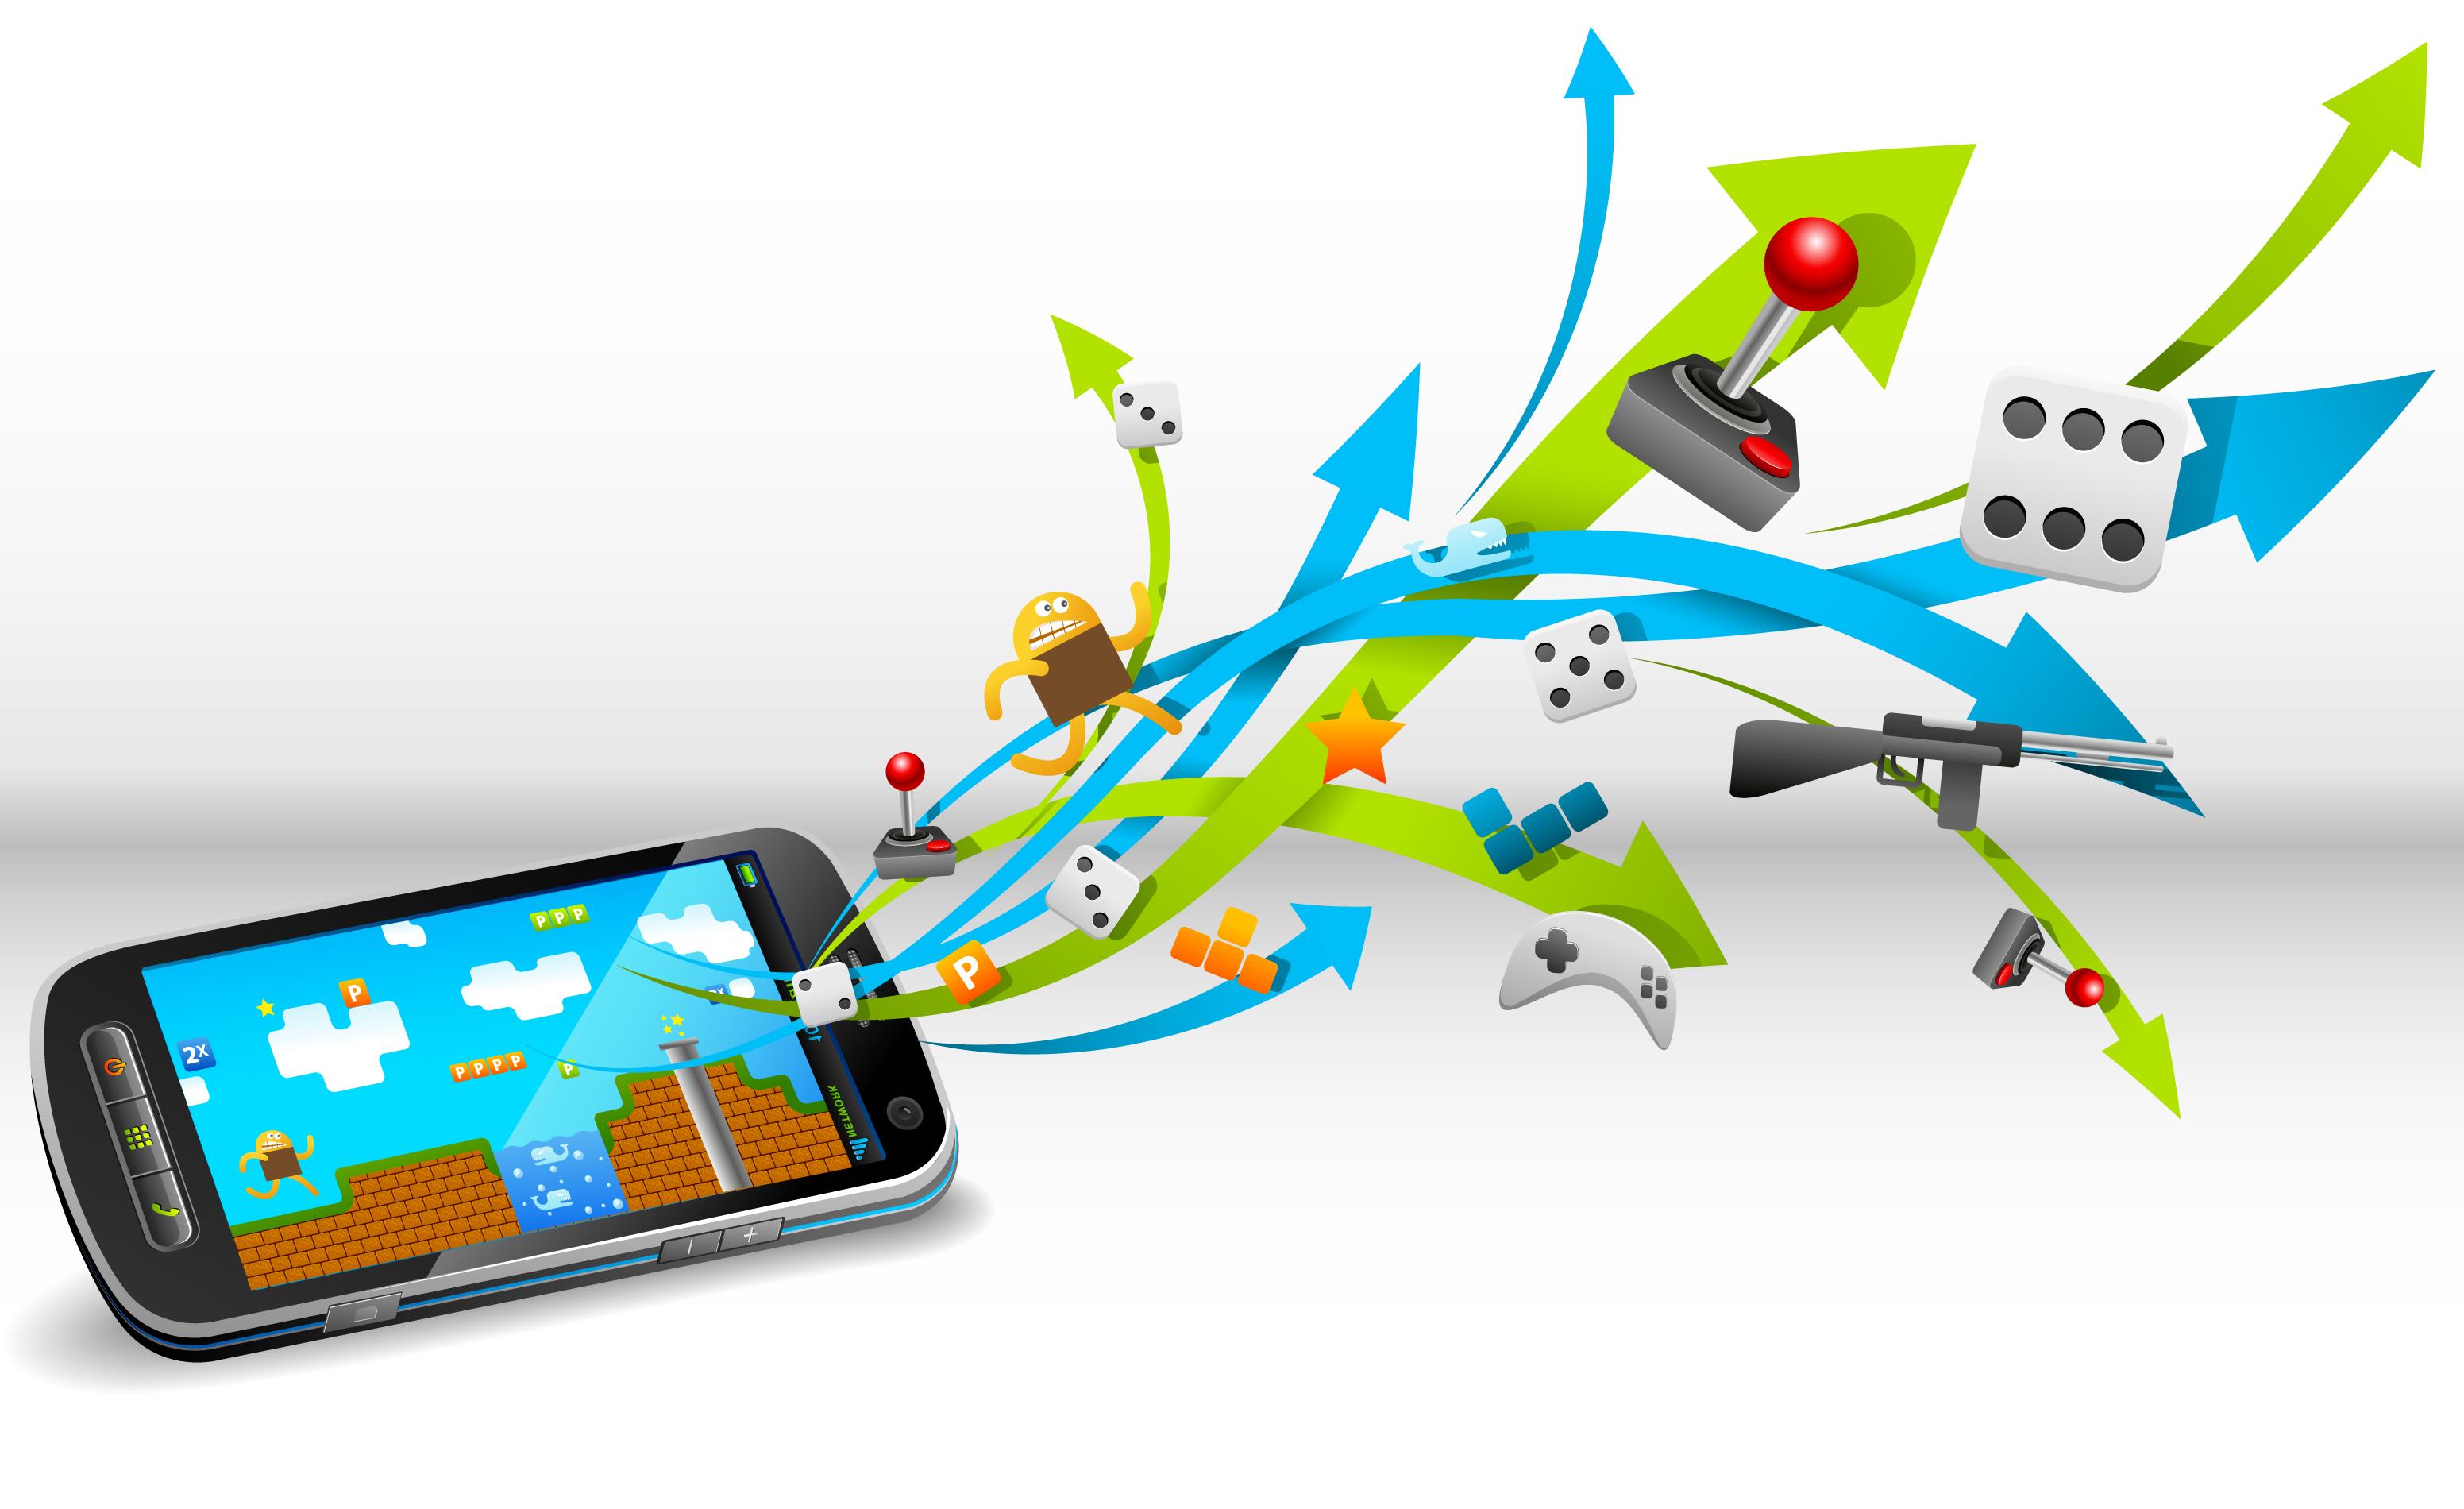 Картинки и игры на сотовый телефон